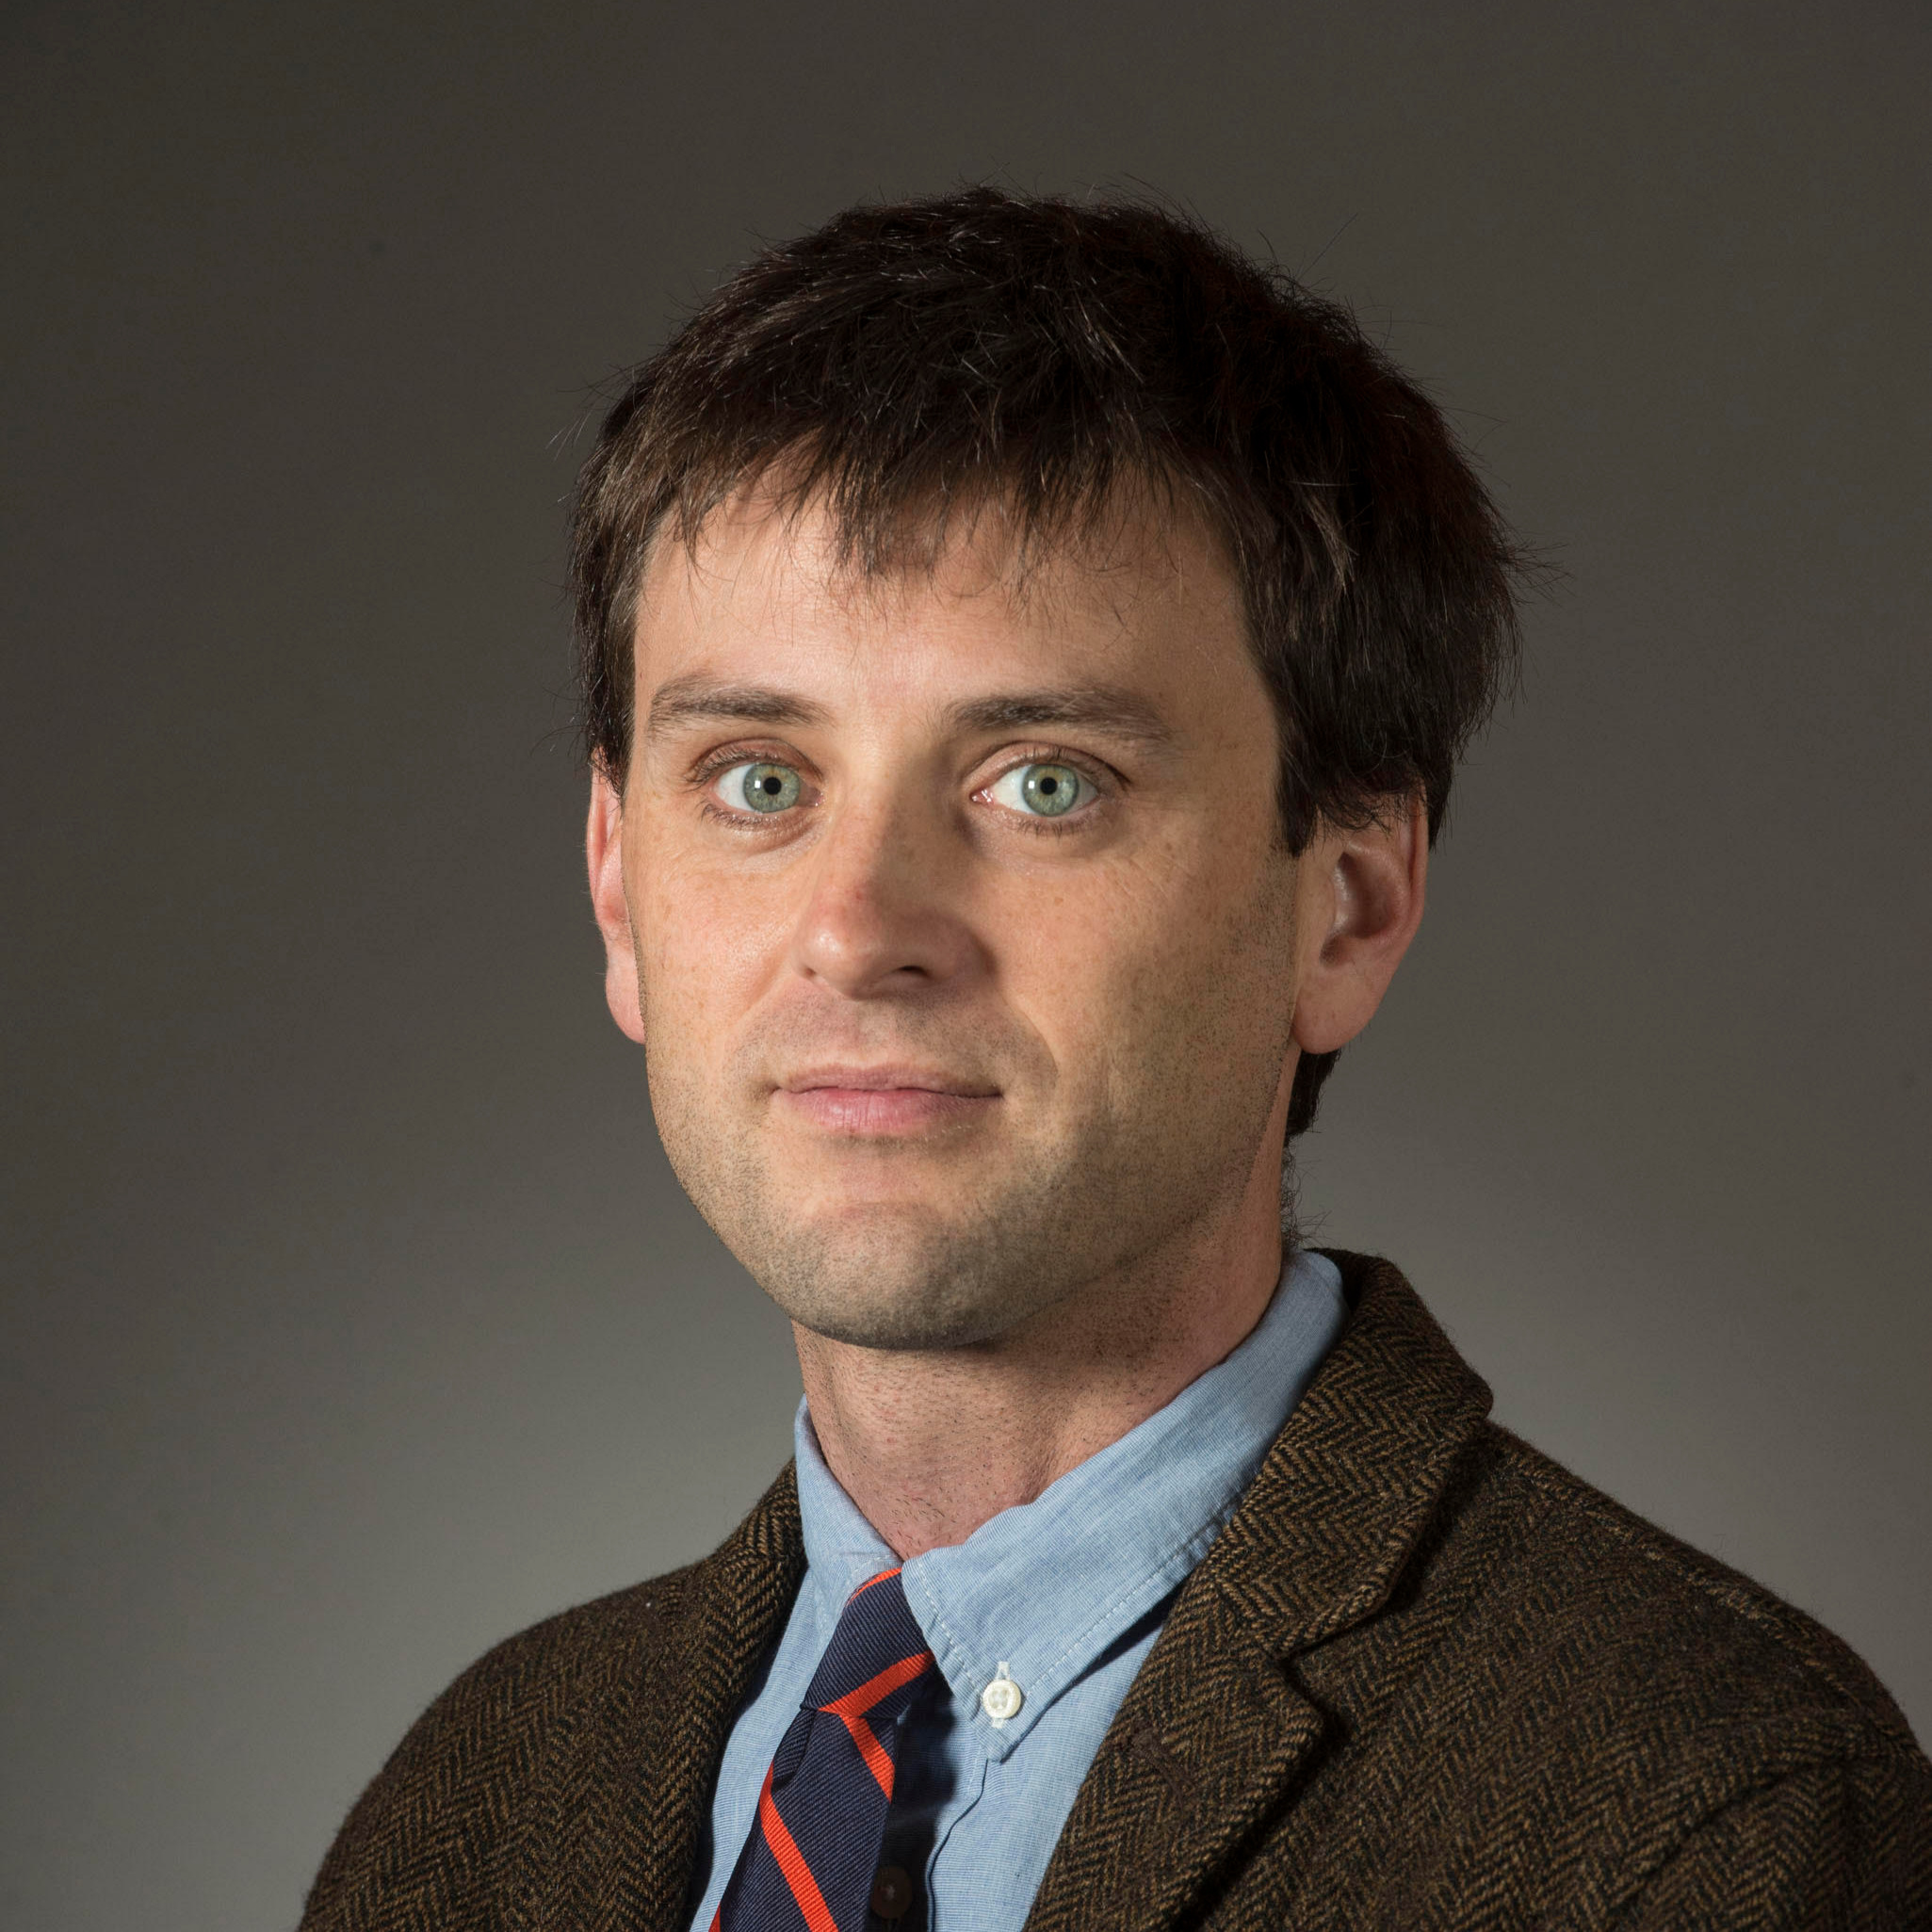 Christopher Willard, PsyD   Family & Child Adviser